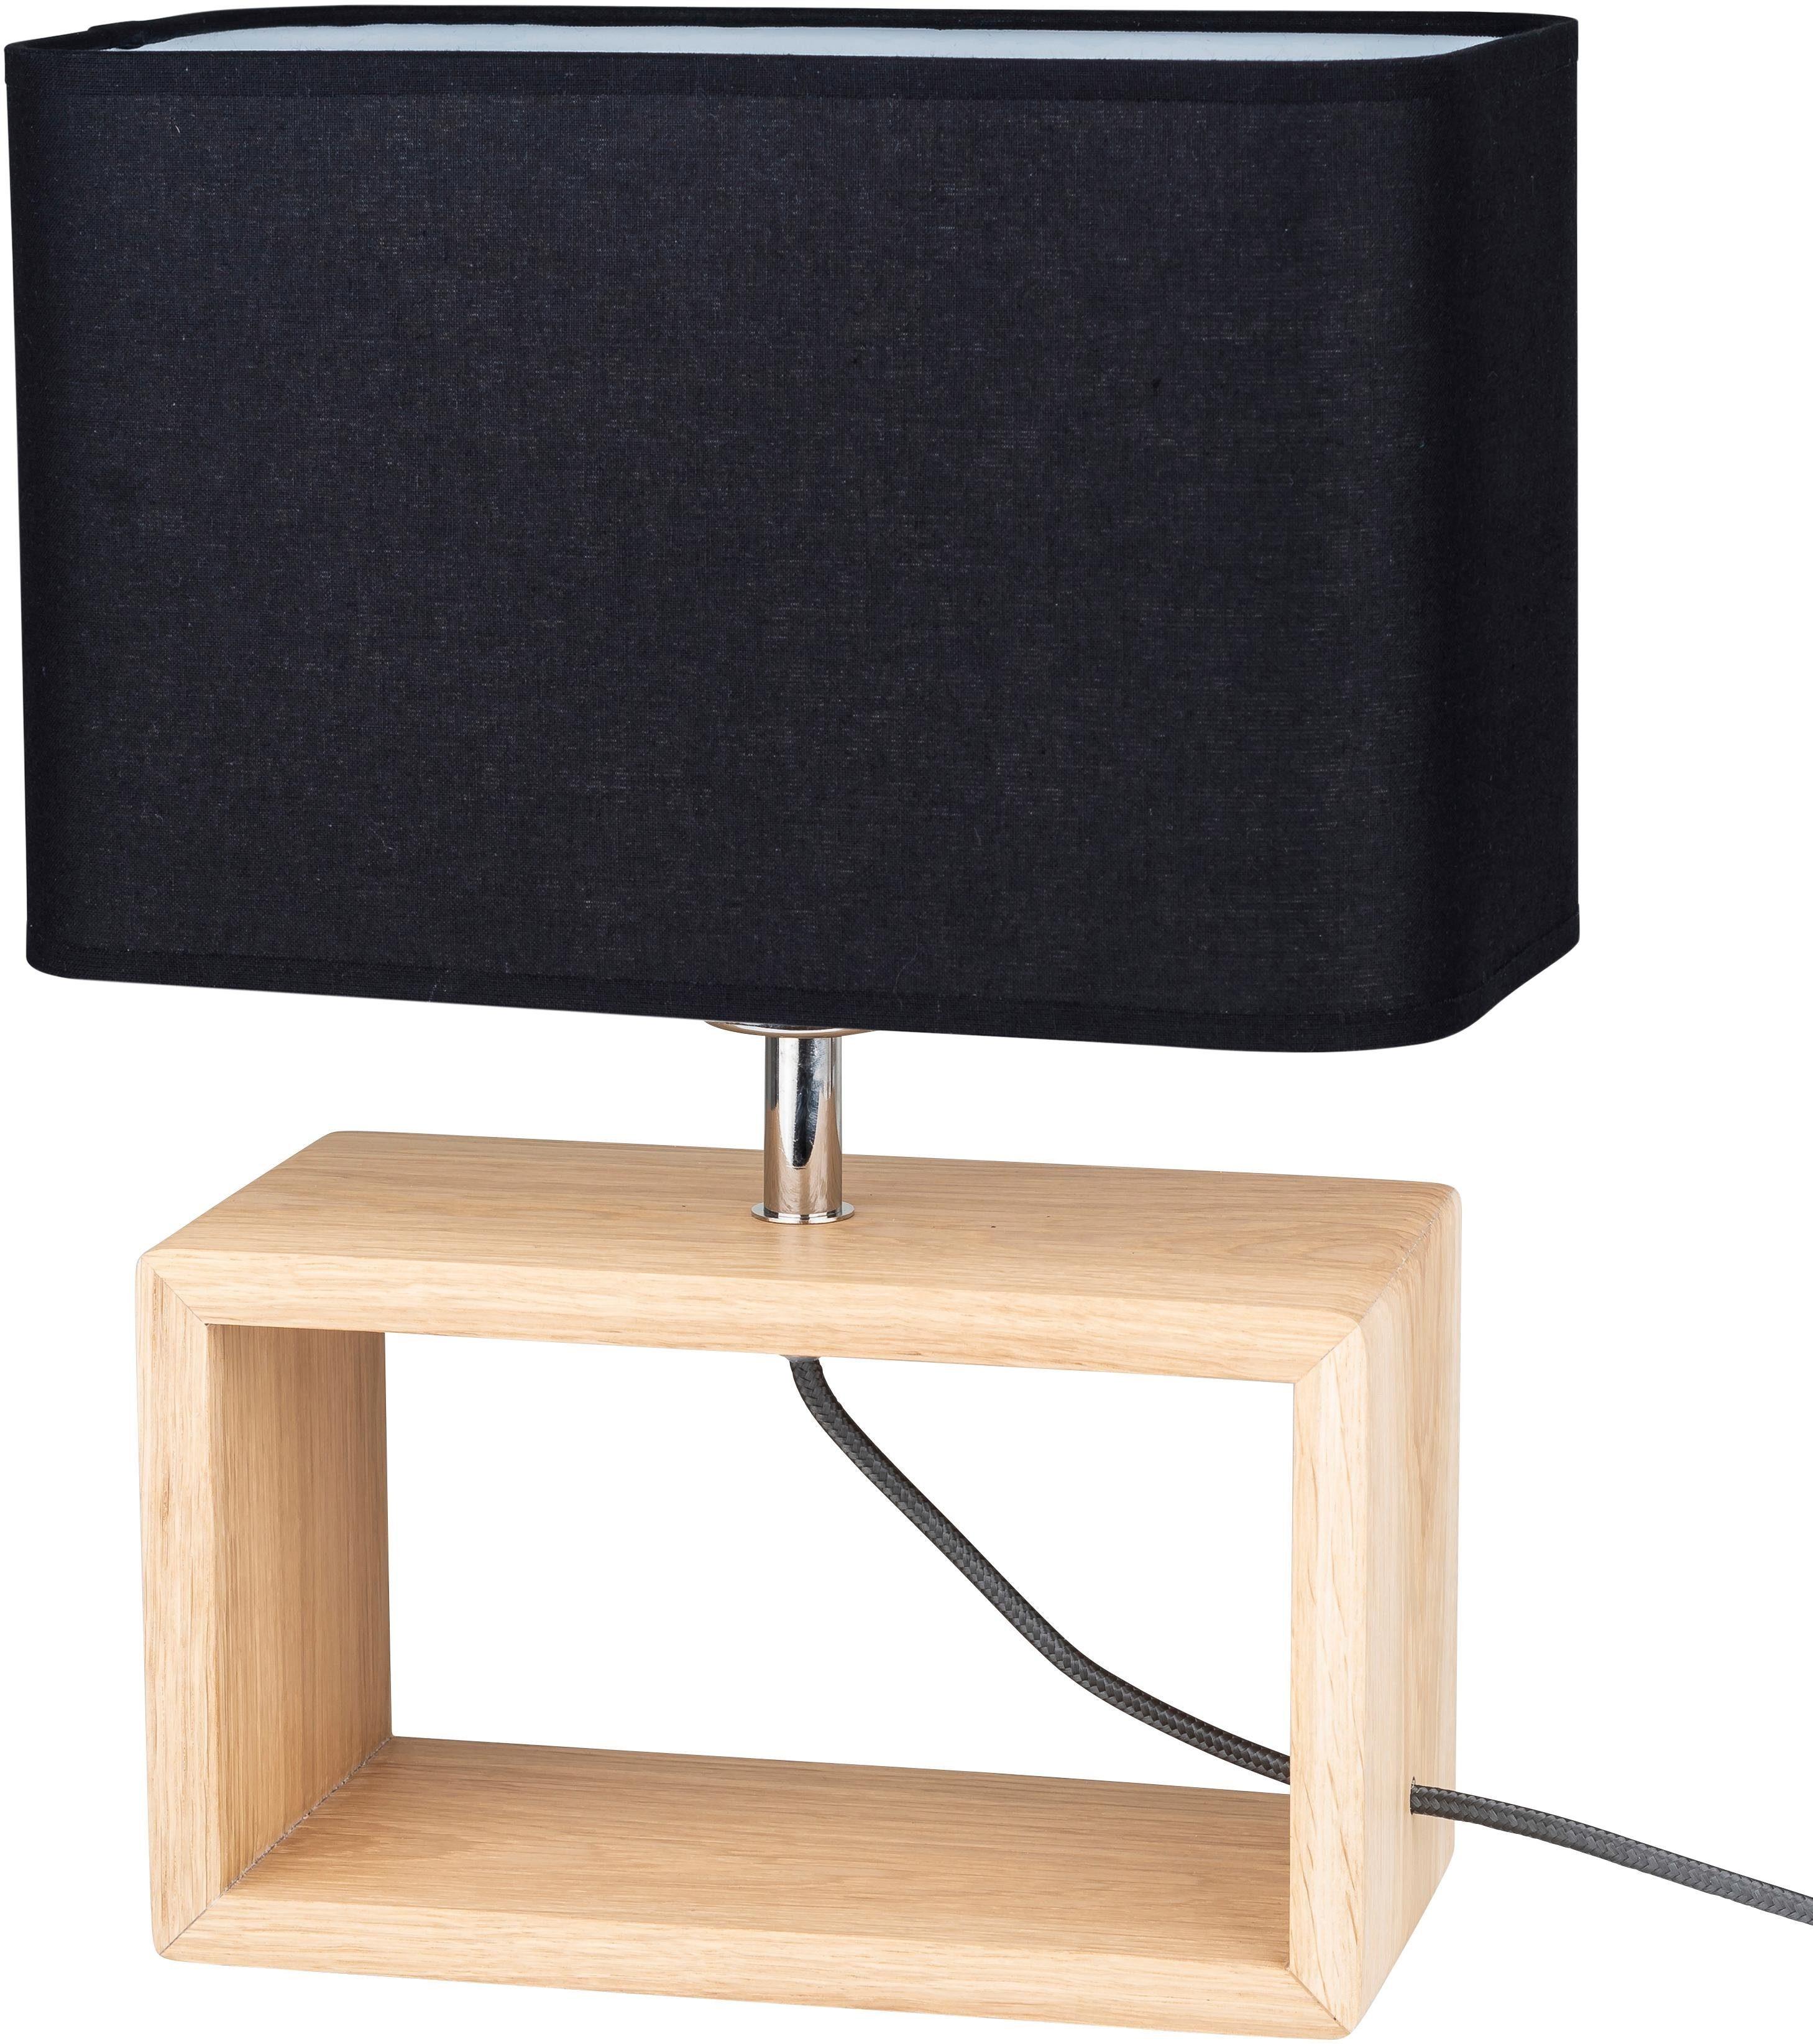 BRITOP LIGHTING Tischleuchte CADRE, E27, Zeitlose Leuchte aus Eichenholz, Naturprodukt - nachhaltig, hochwertiger Stoffschirm, Passendes LM E27, Made in EU